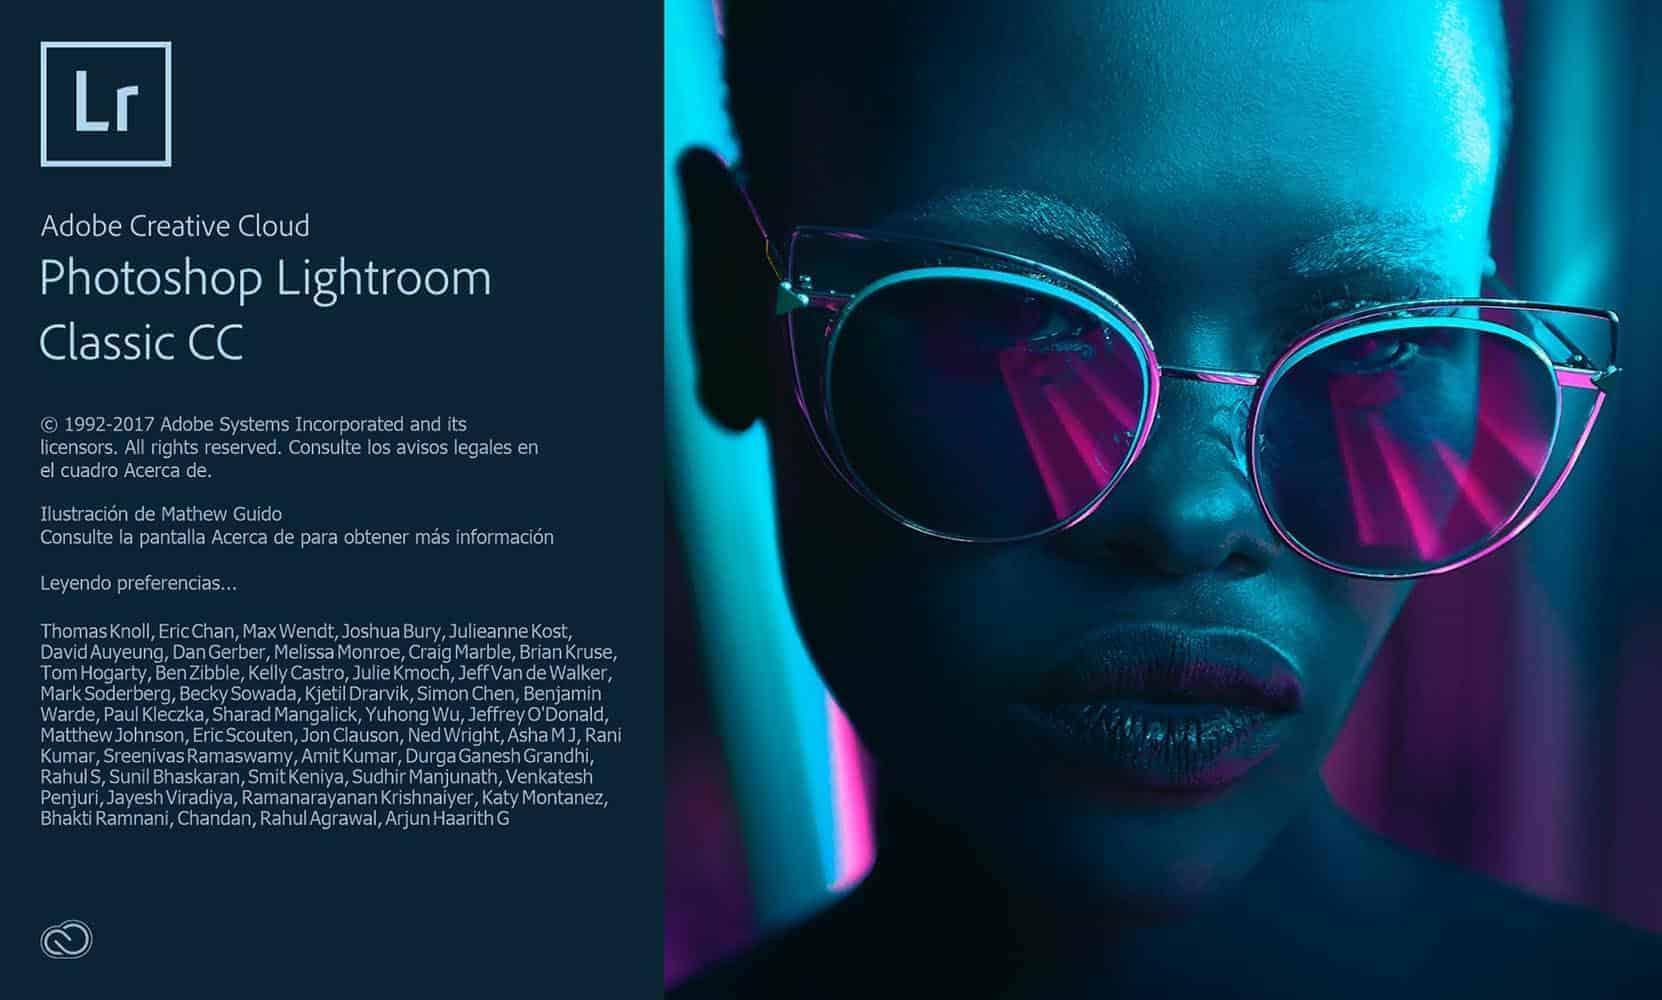 Tamaños de fotos, Adobe Lightroom